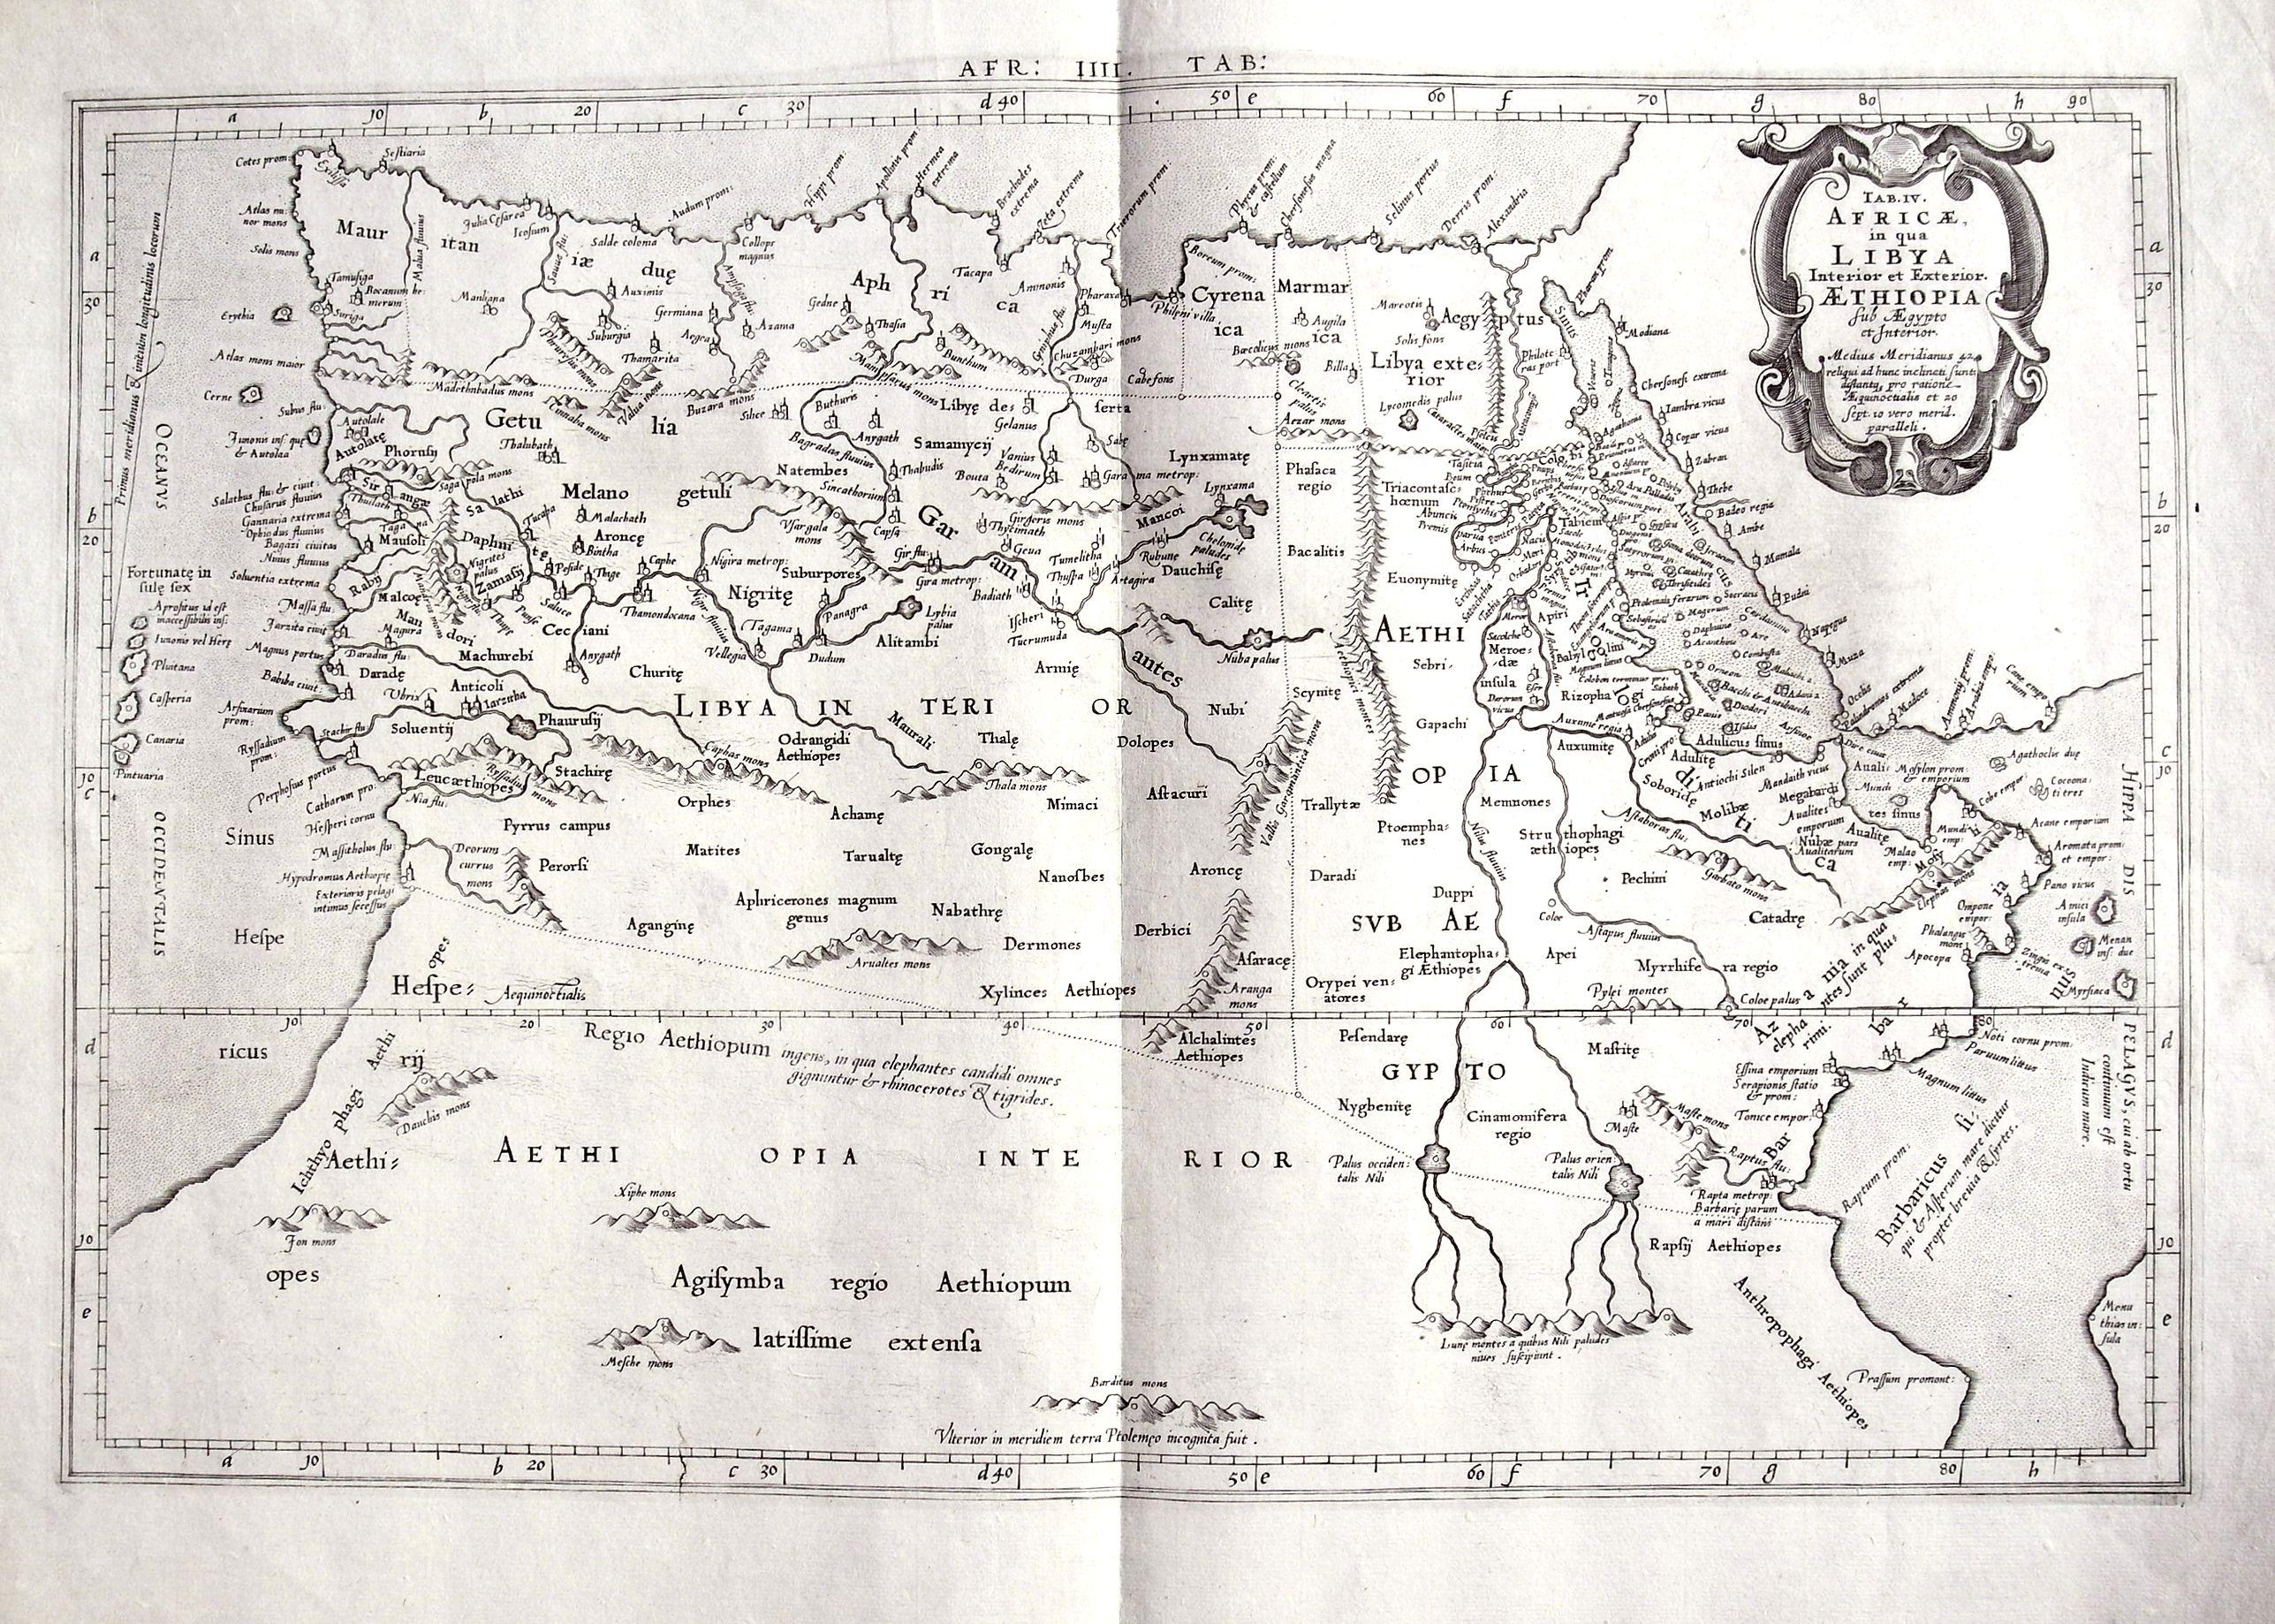 MERCATOR, G. - Tab. IV. Africae in qua Libya Interior et Exterior. Aethiopia sub Aegypto et Interior. . .